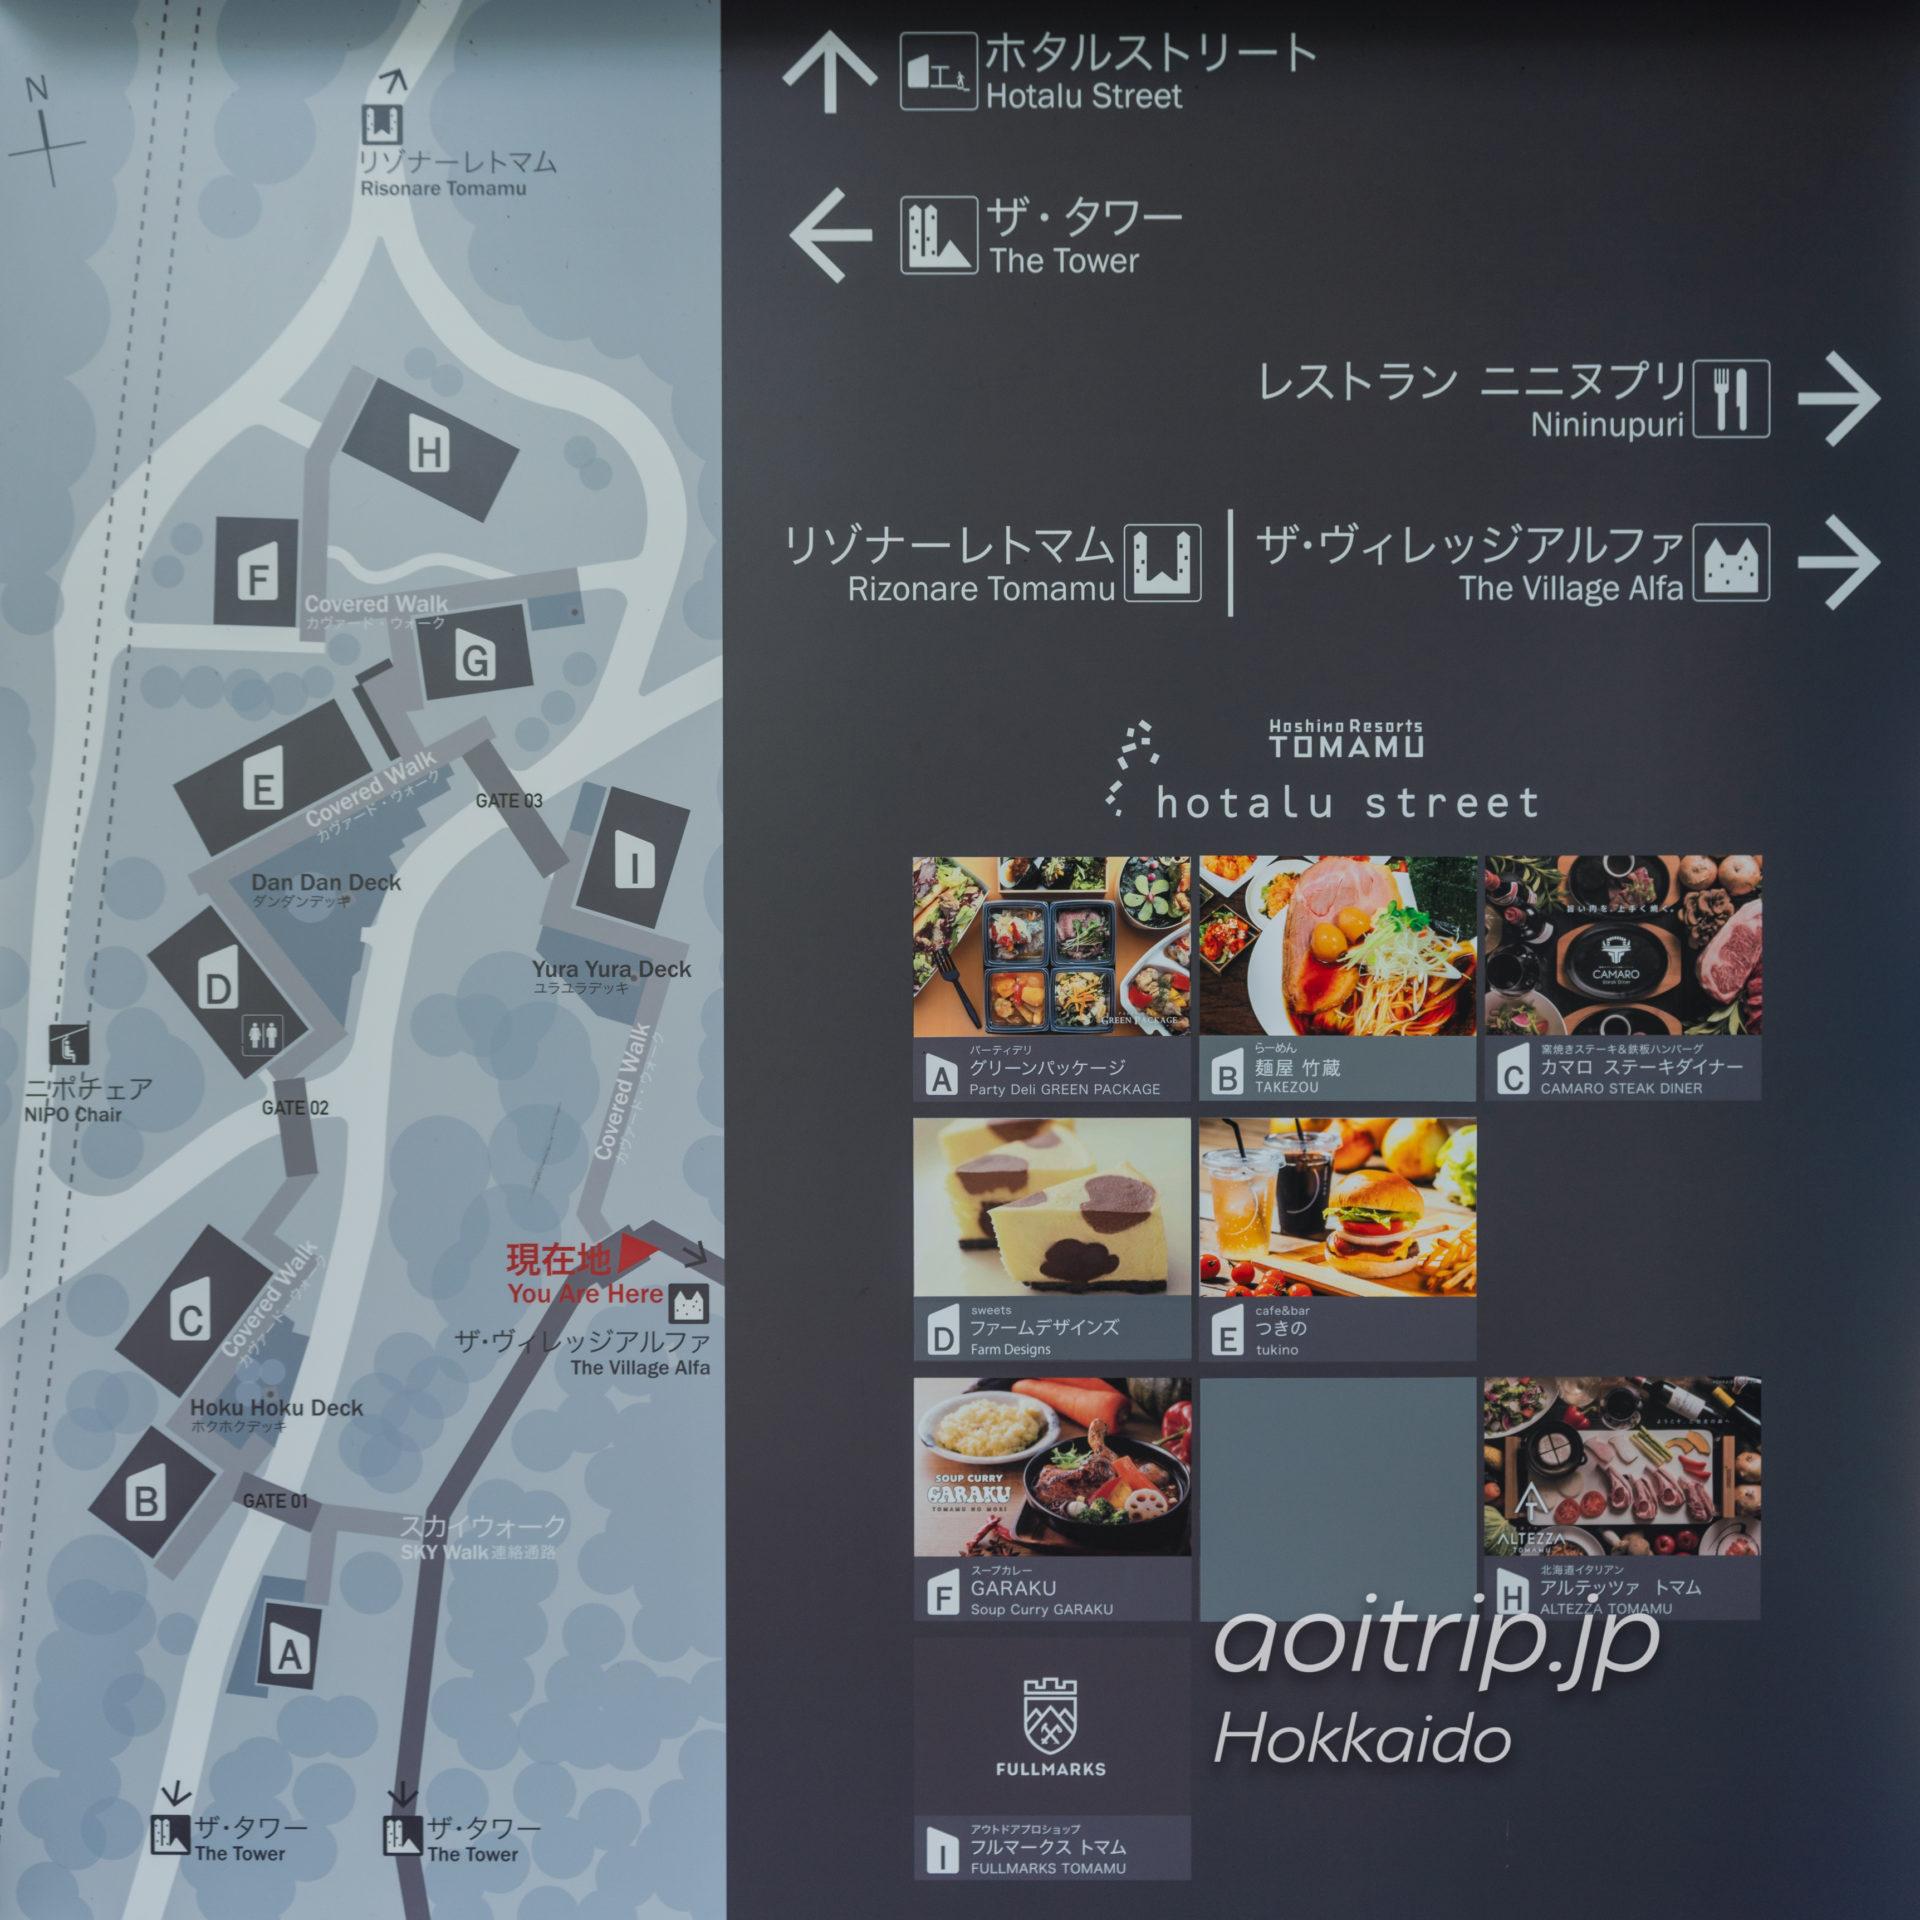 星野リゾートトマム ホタルストリート